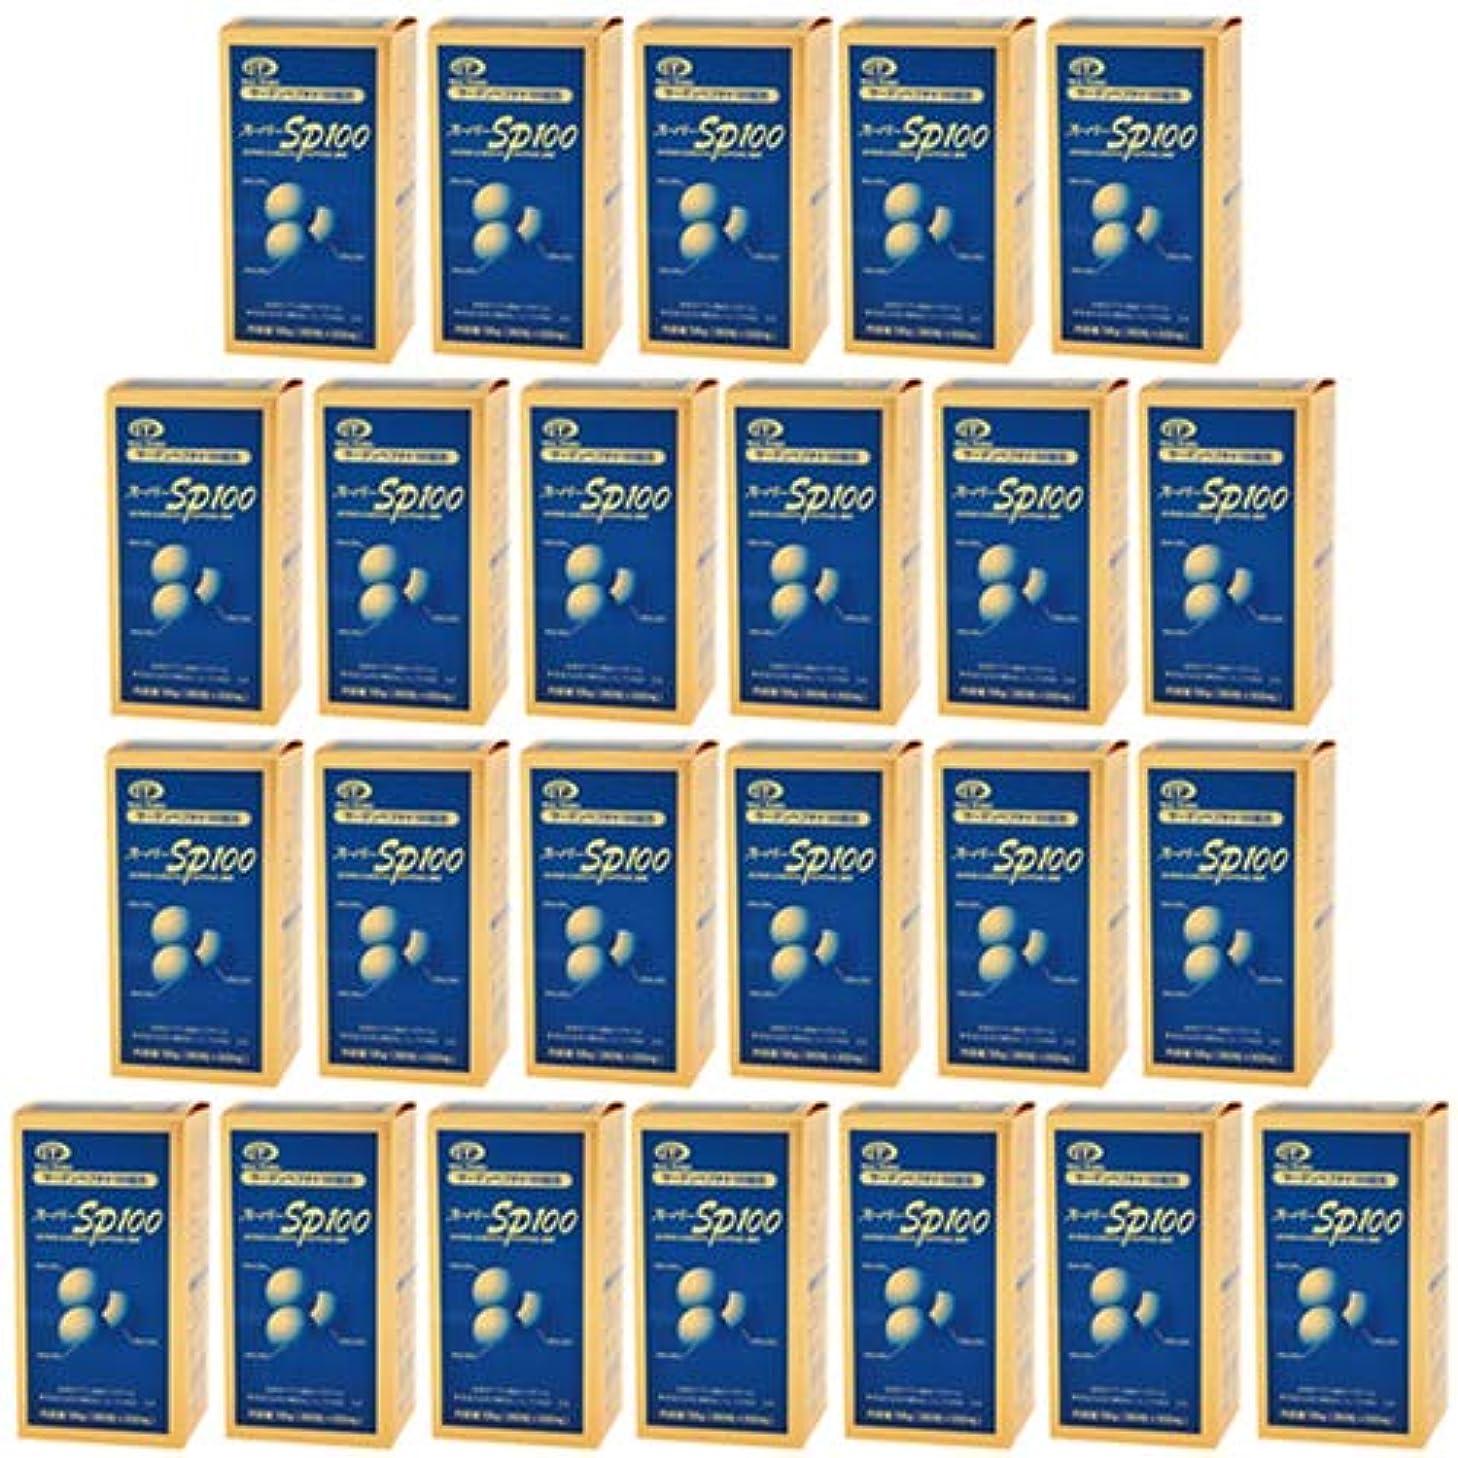 ちょっと待って説得アパートスーパーSP100(イワシペプチド)(360粒) 24箱